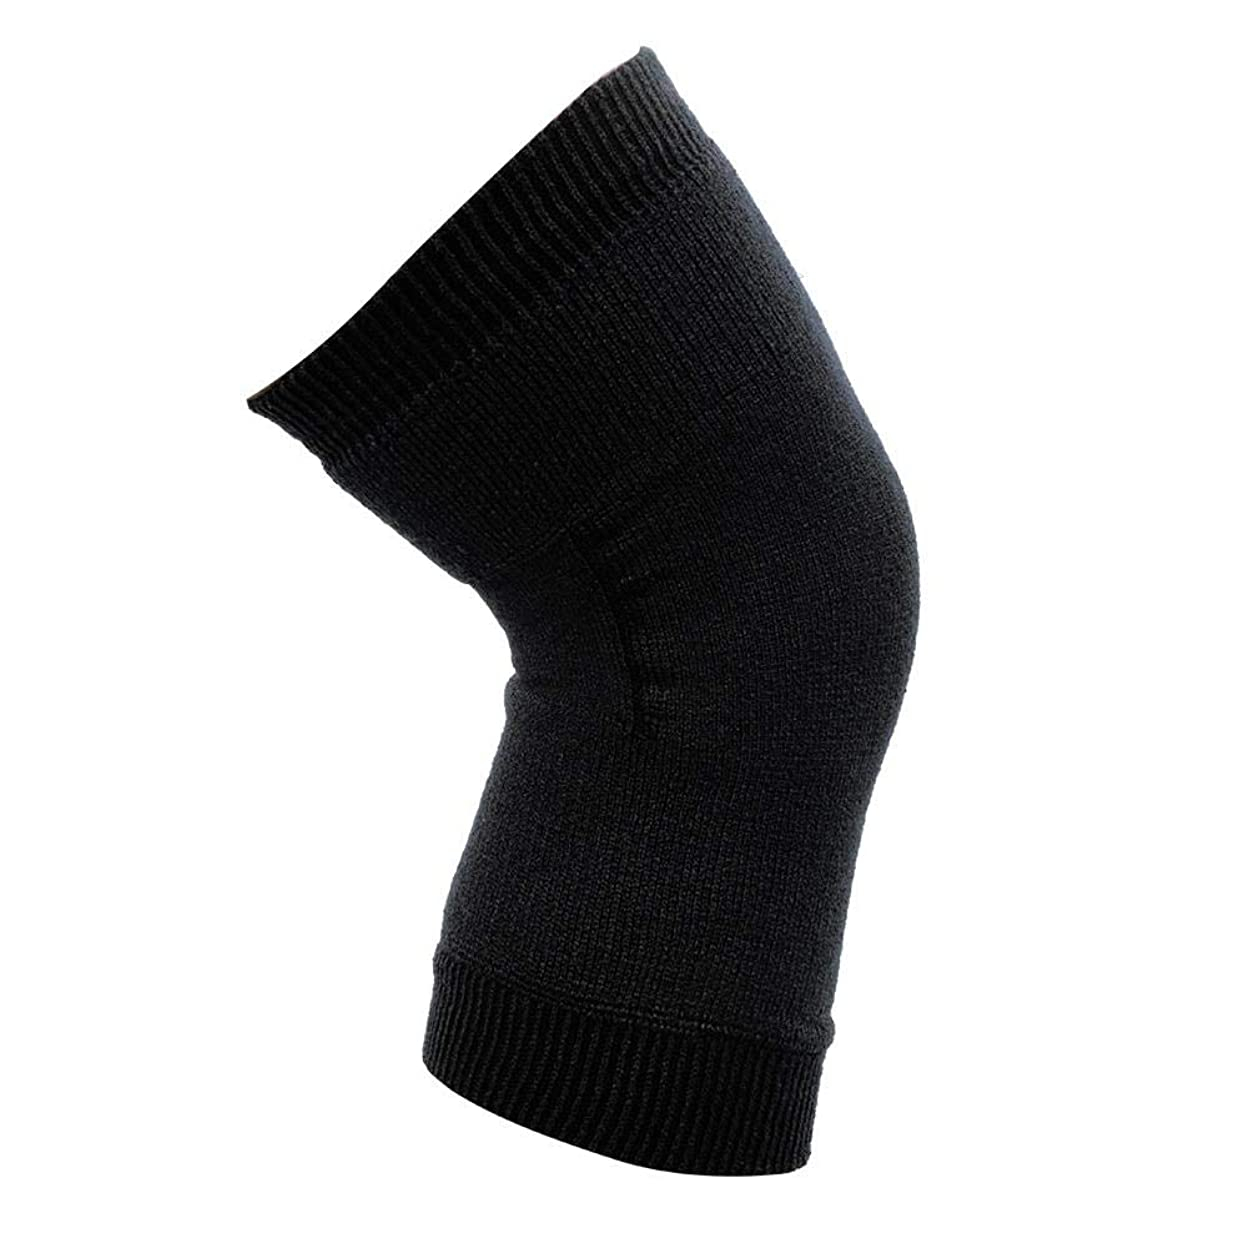 に変わる精神医学フェデレーション膝関節のサポート - 膝のサポート、大人の膝パッドのサポートダブル膝のサポート - 膝セットロッククライミングジョギングバレーボール乗馬膝の負傷者男性と女性1ペア(ブラック)